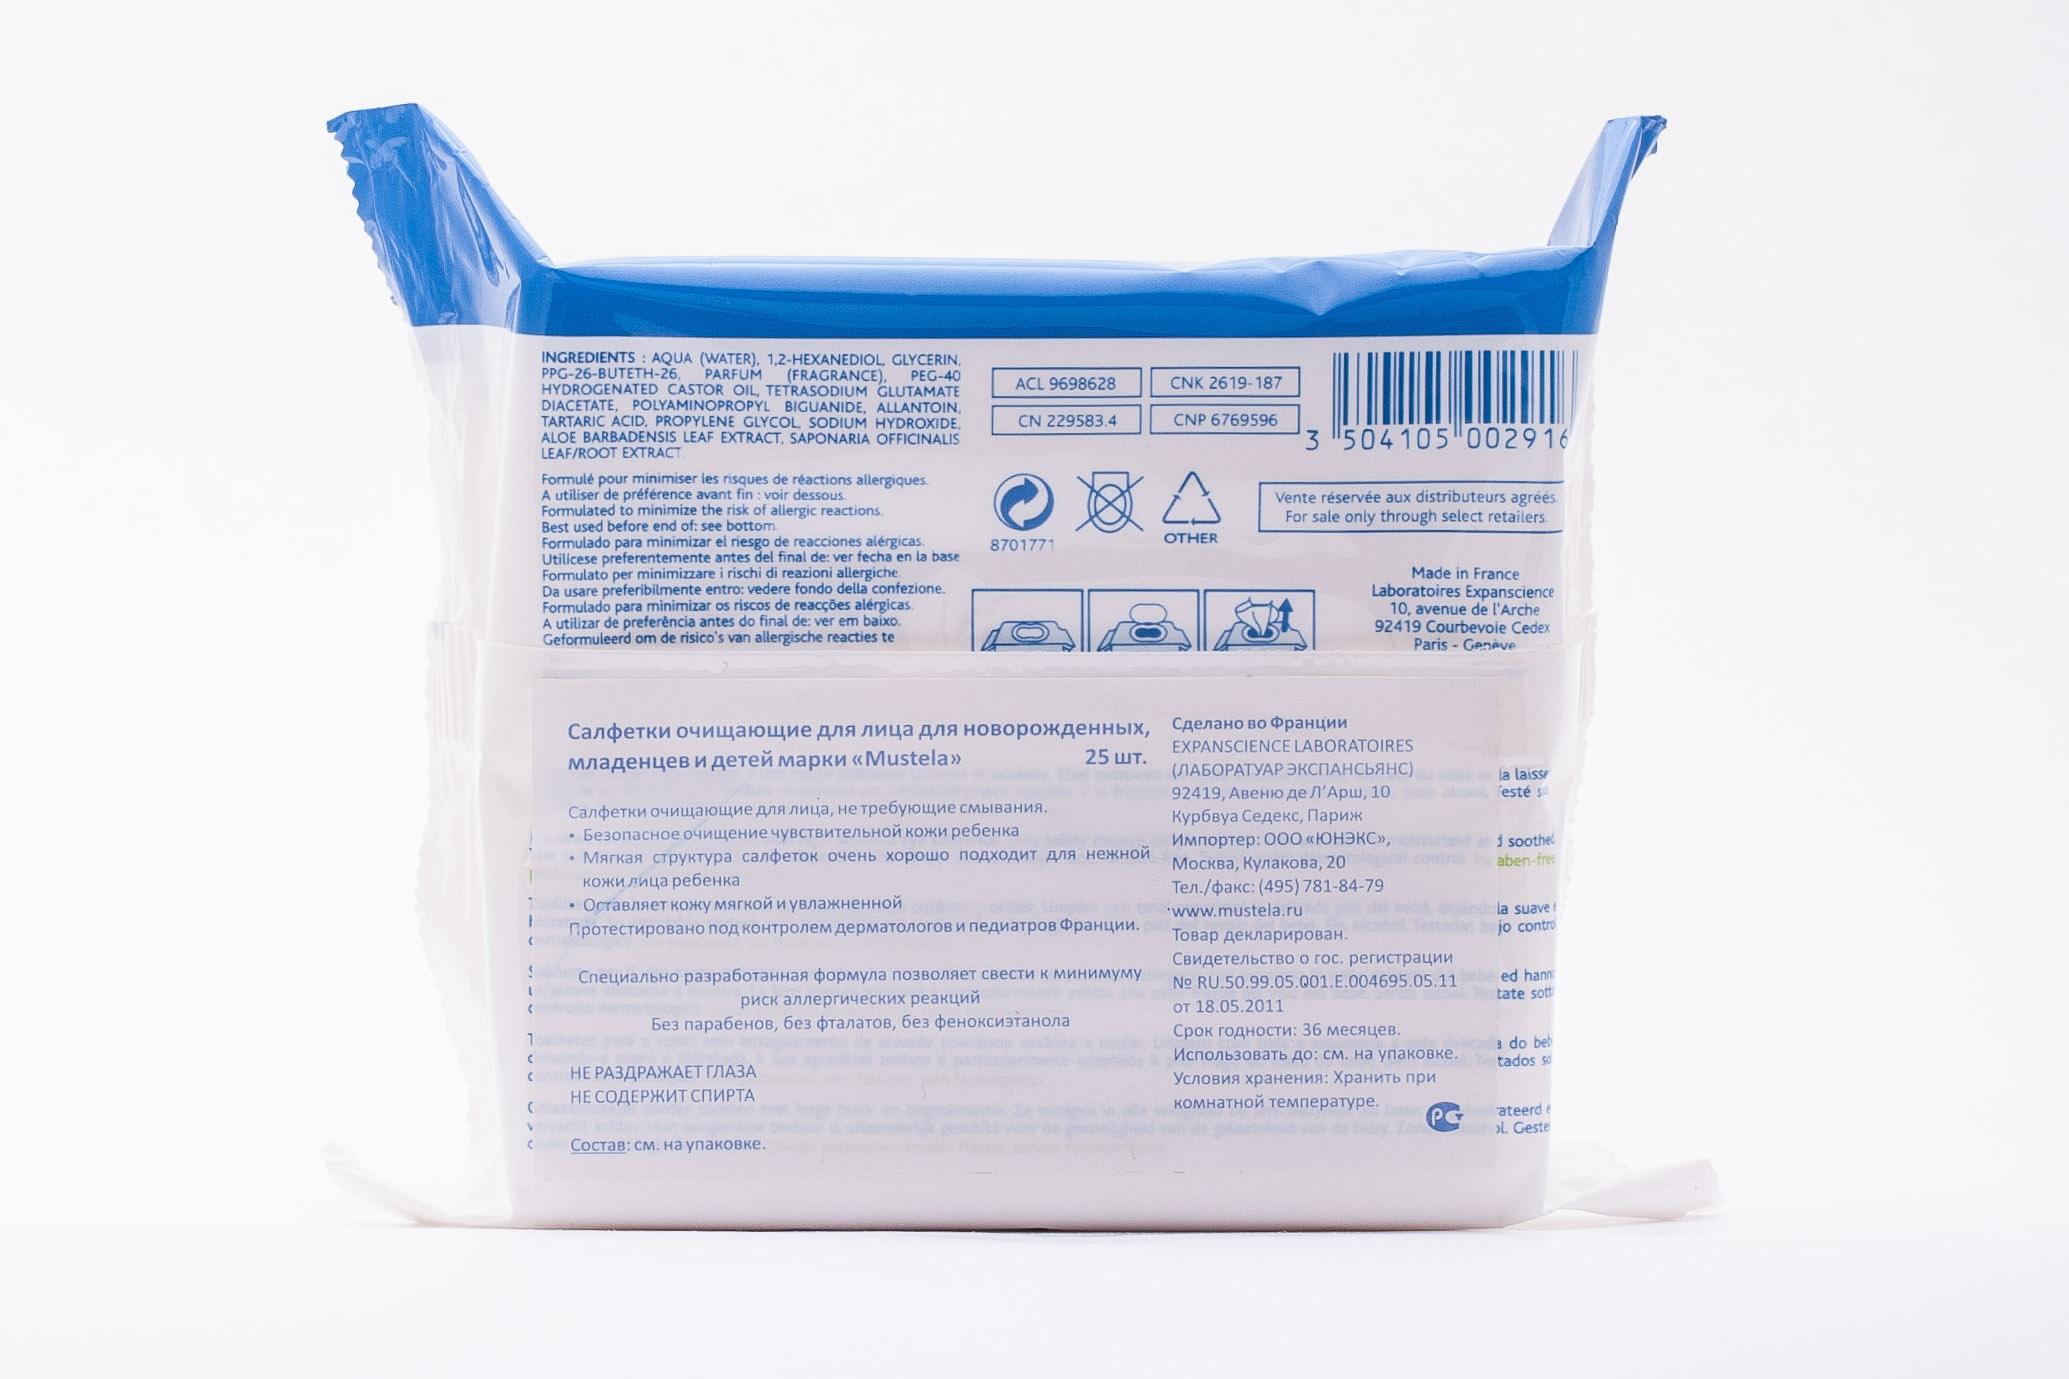 Mustela Салфетки очищающие для лица, №25 (Bebe - ежедневная гигиена)